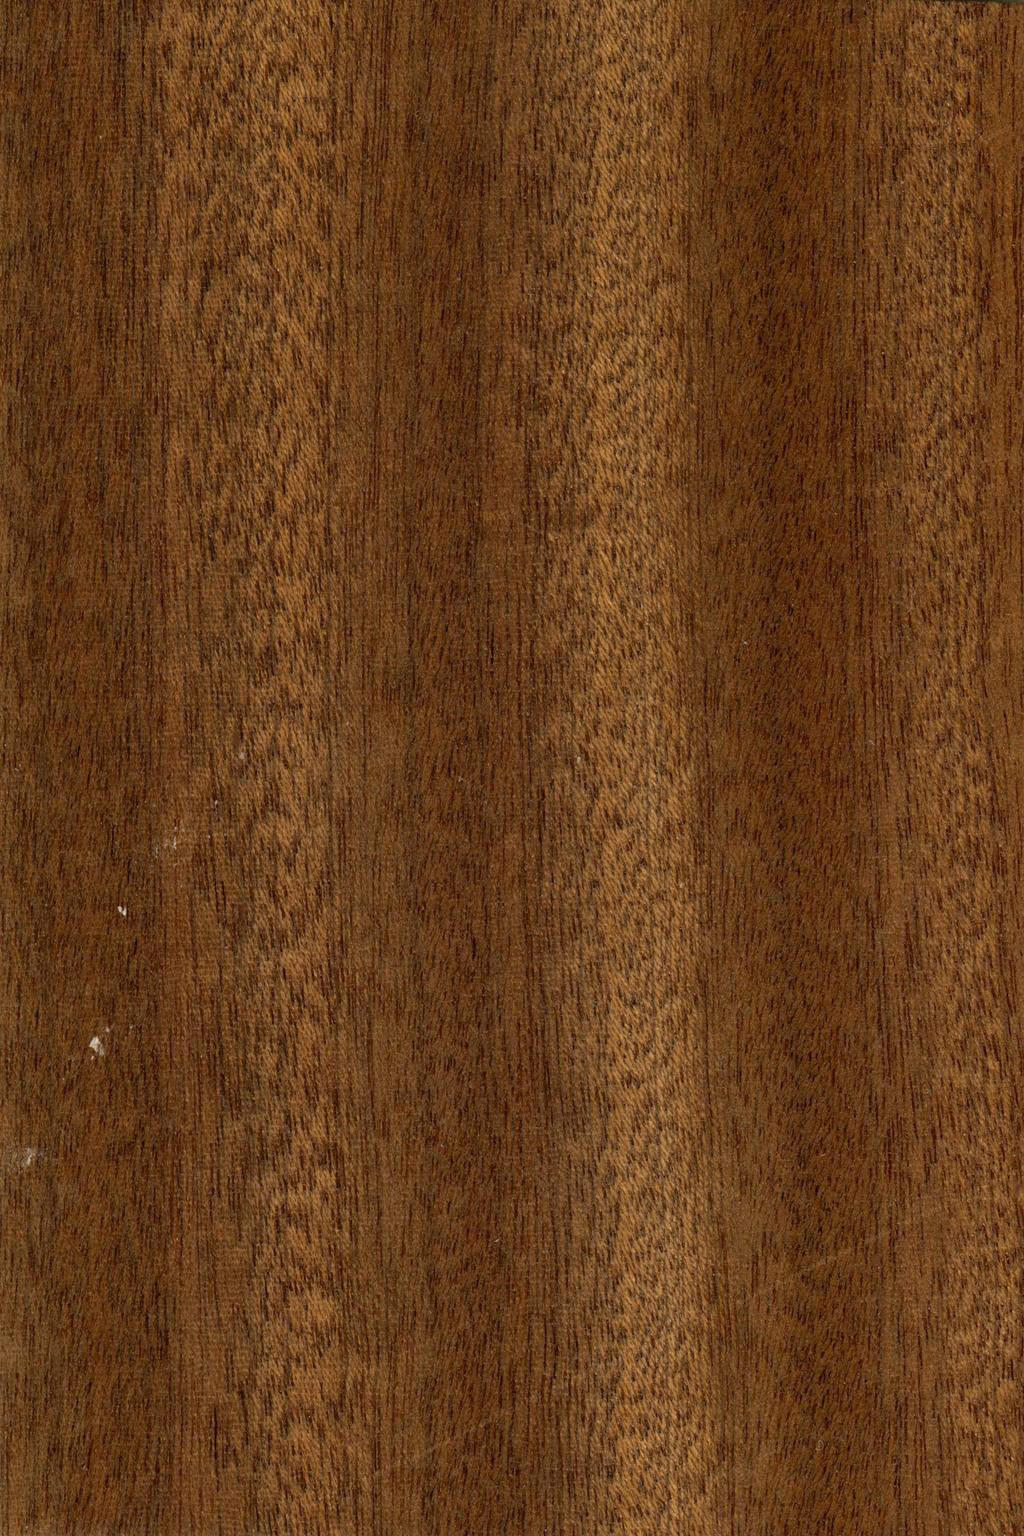 红木木纹贴图模板下载(图片编号:12303244)